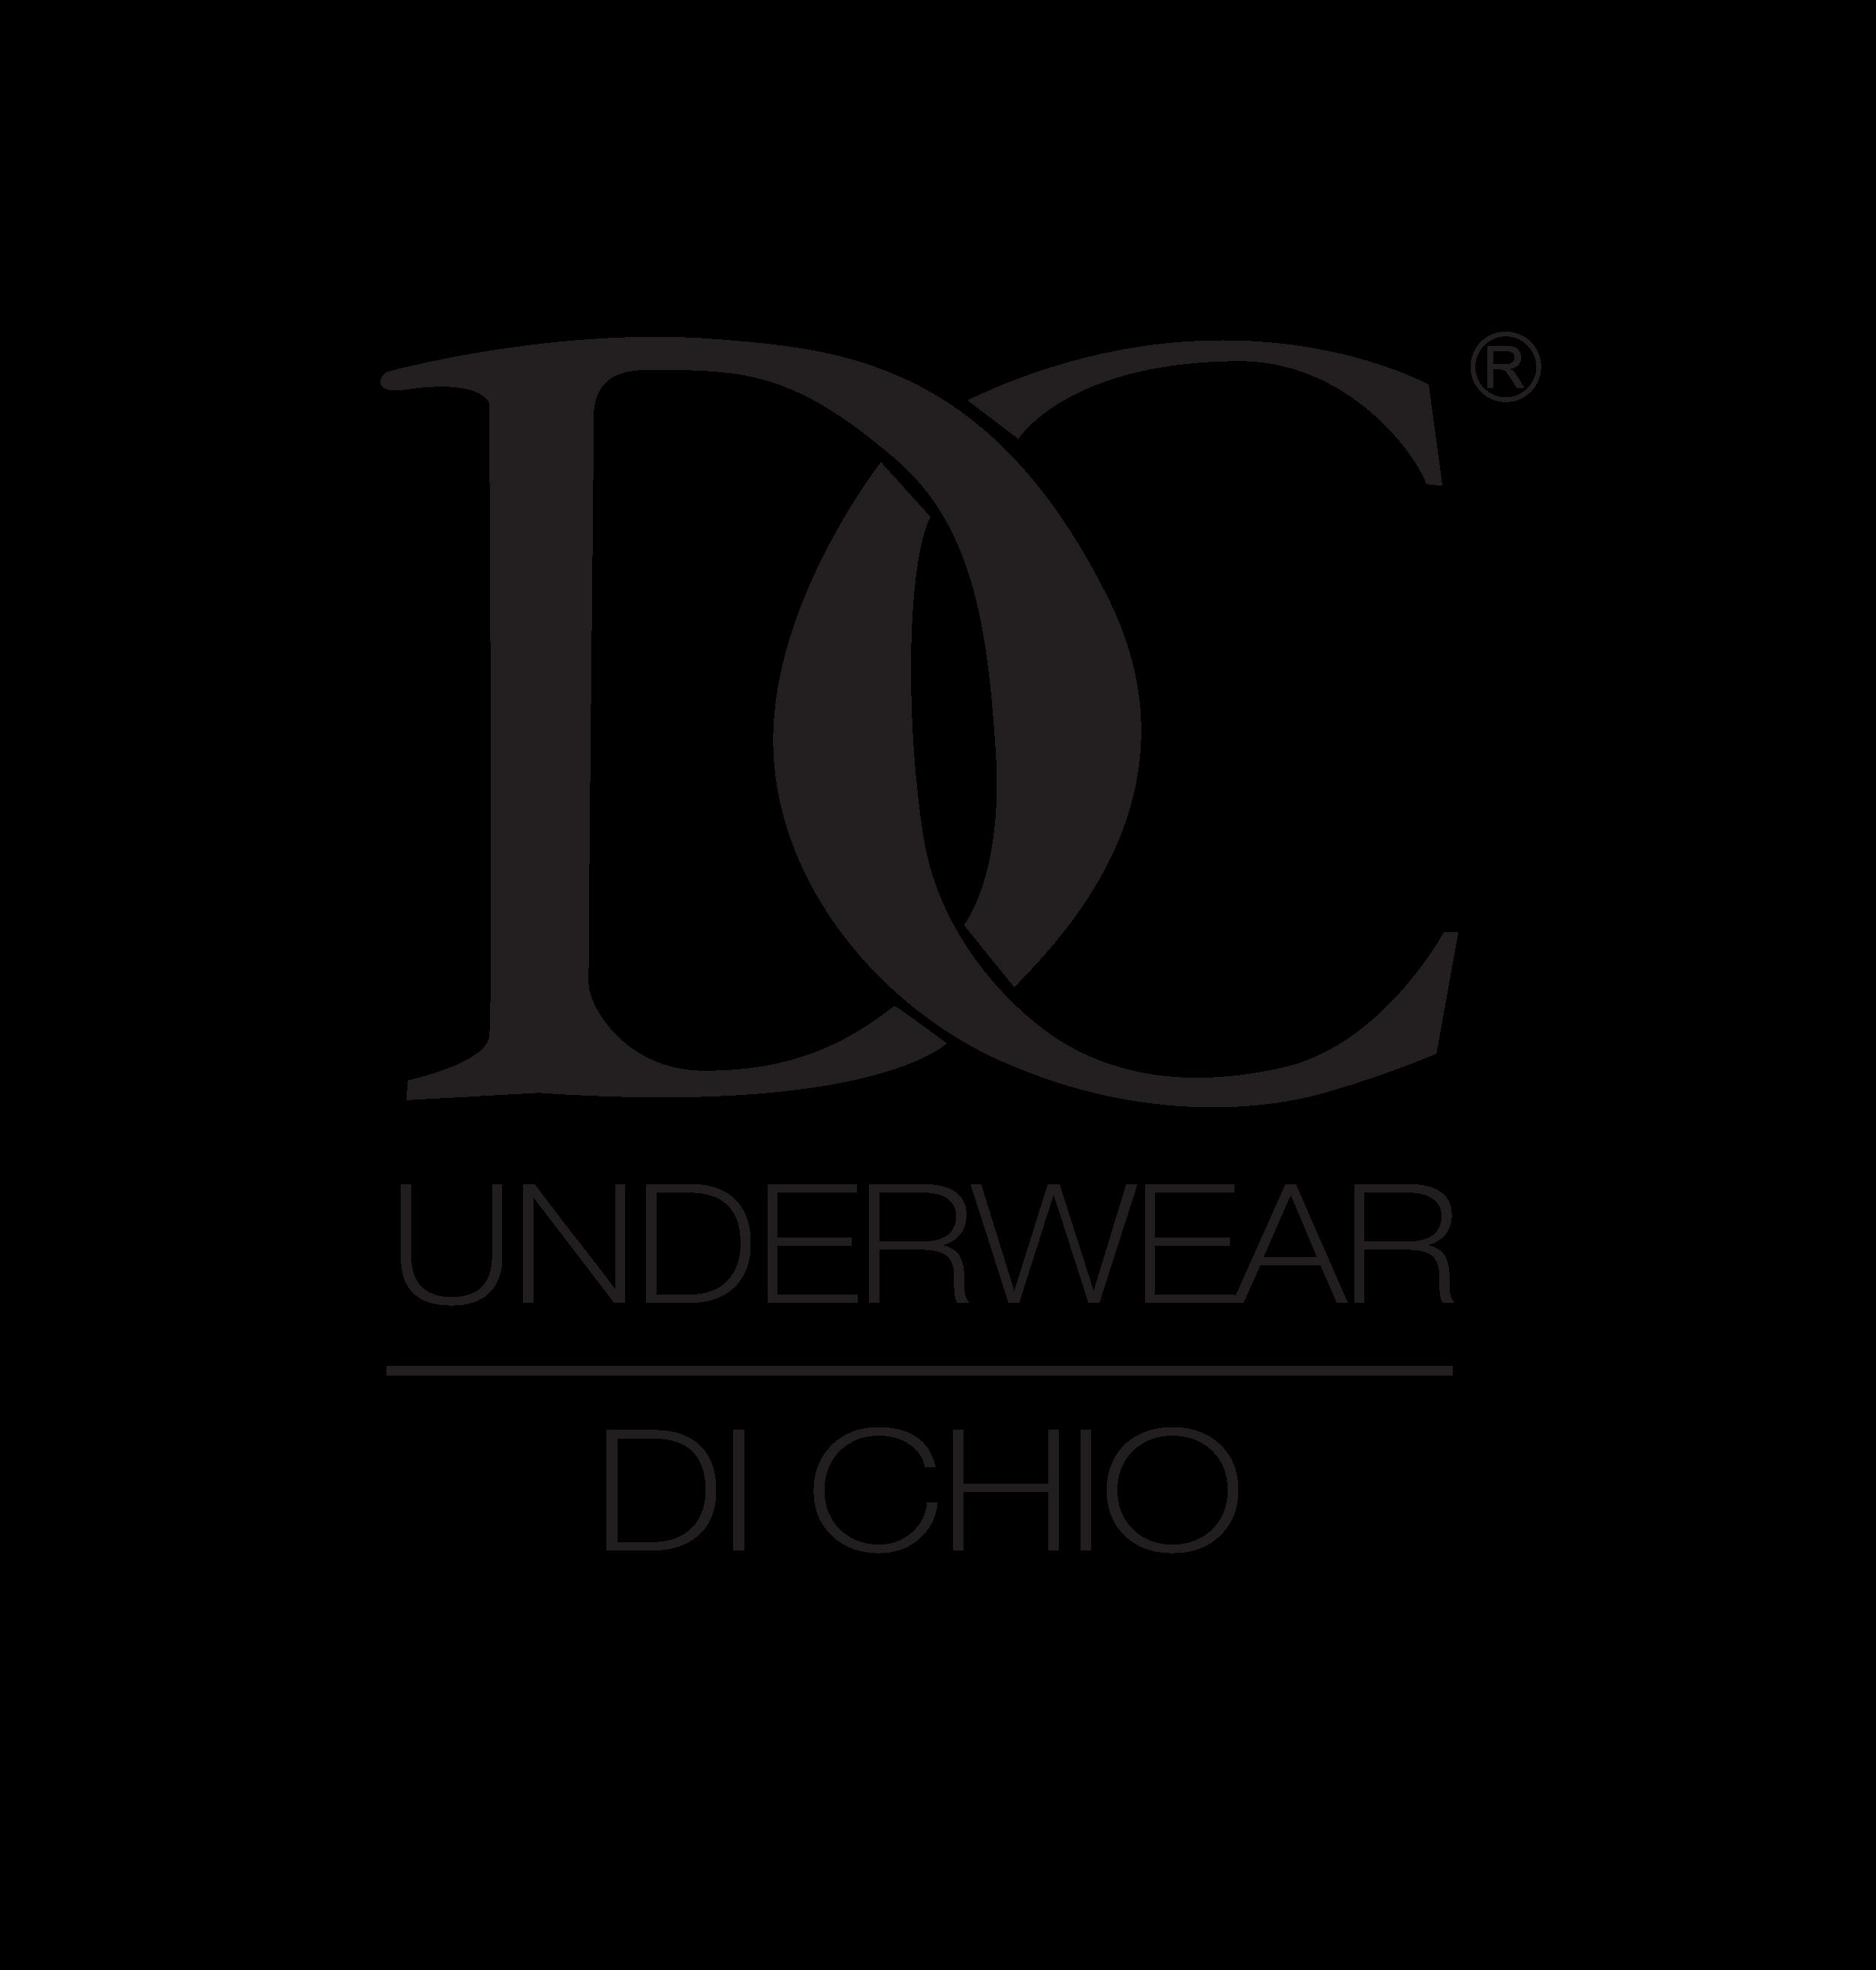 Di Chio Underwear